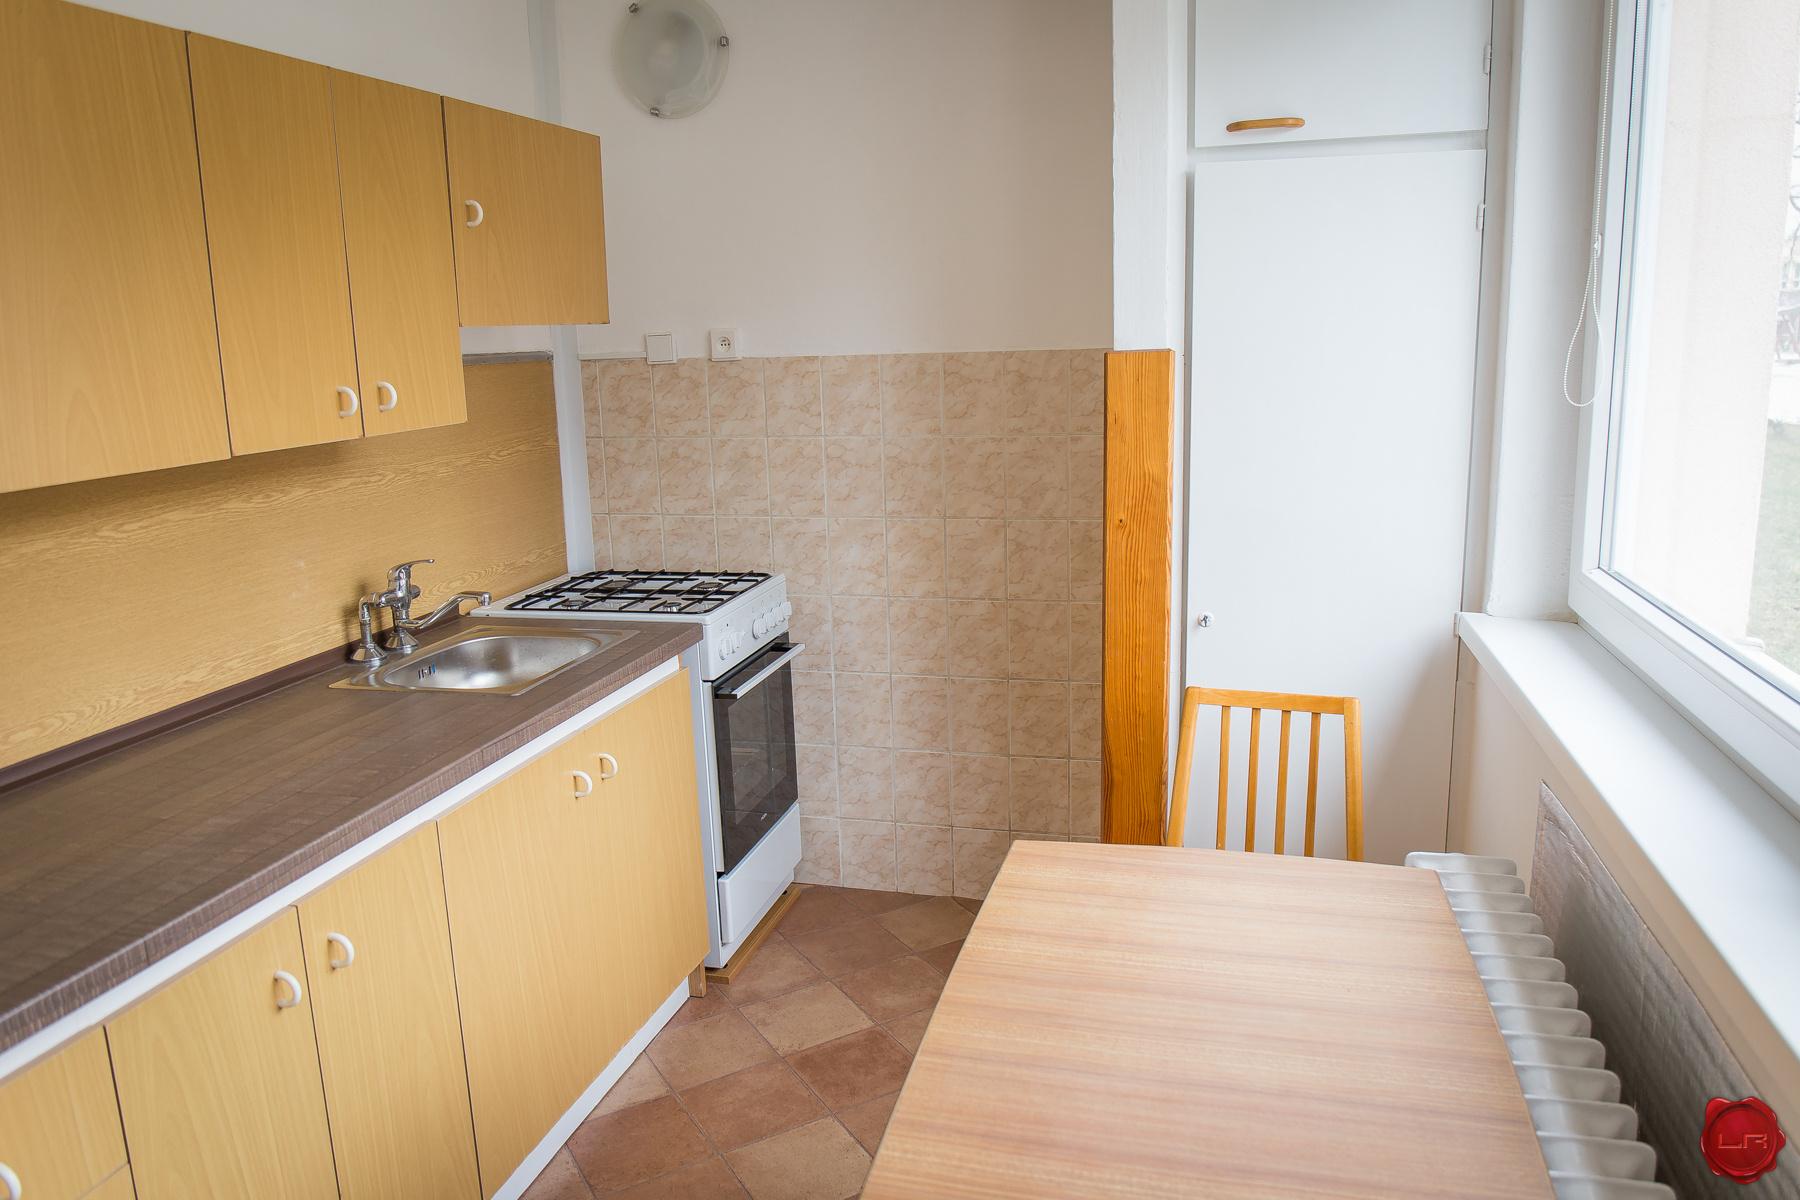 rezervovaný Byt 1+1 (36 m2) sídl. Tarča Spišská Nová Ves